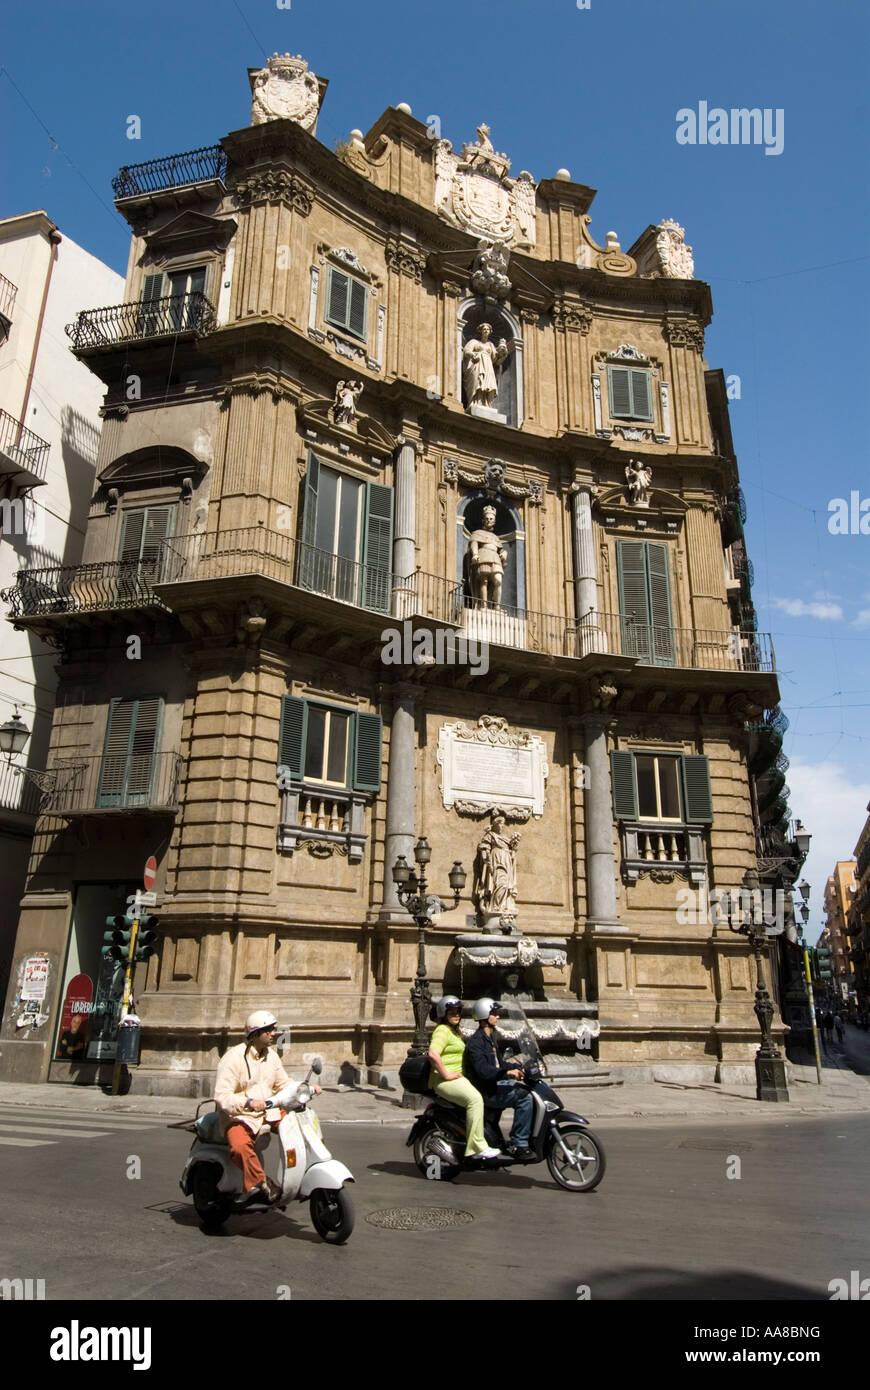 Quattro Canti di citta at Piazza Vigliena Palermo Sicily Italy - Stock Image